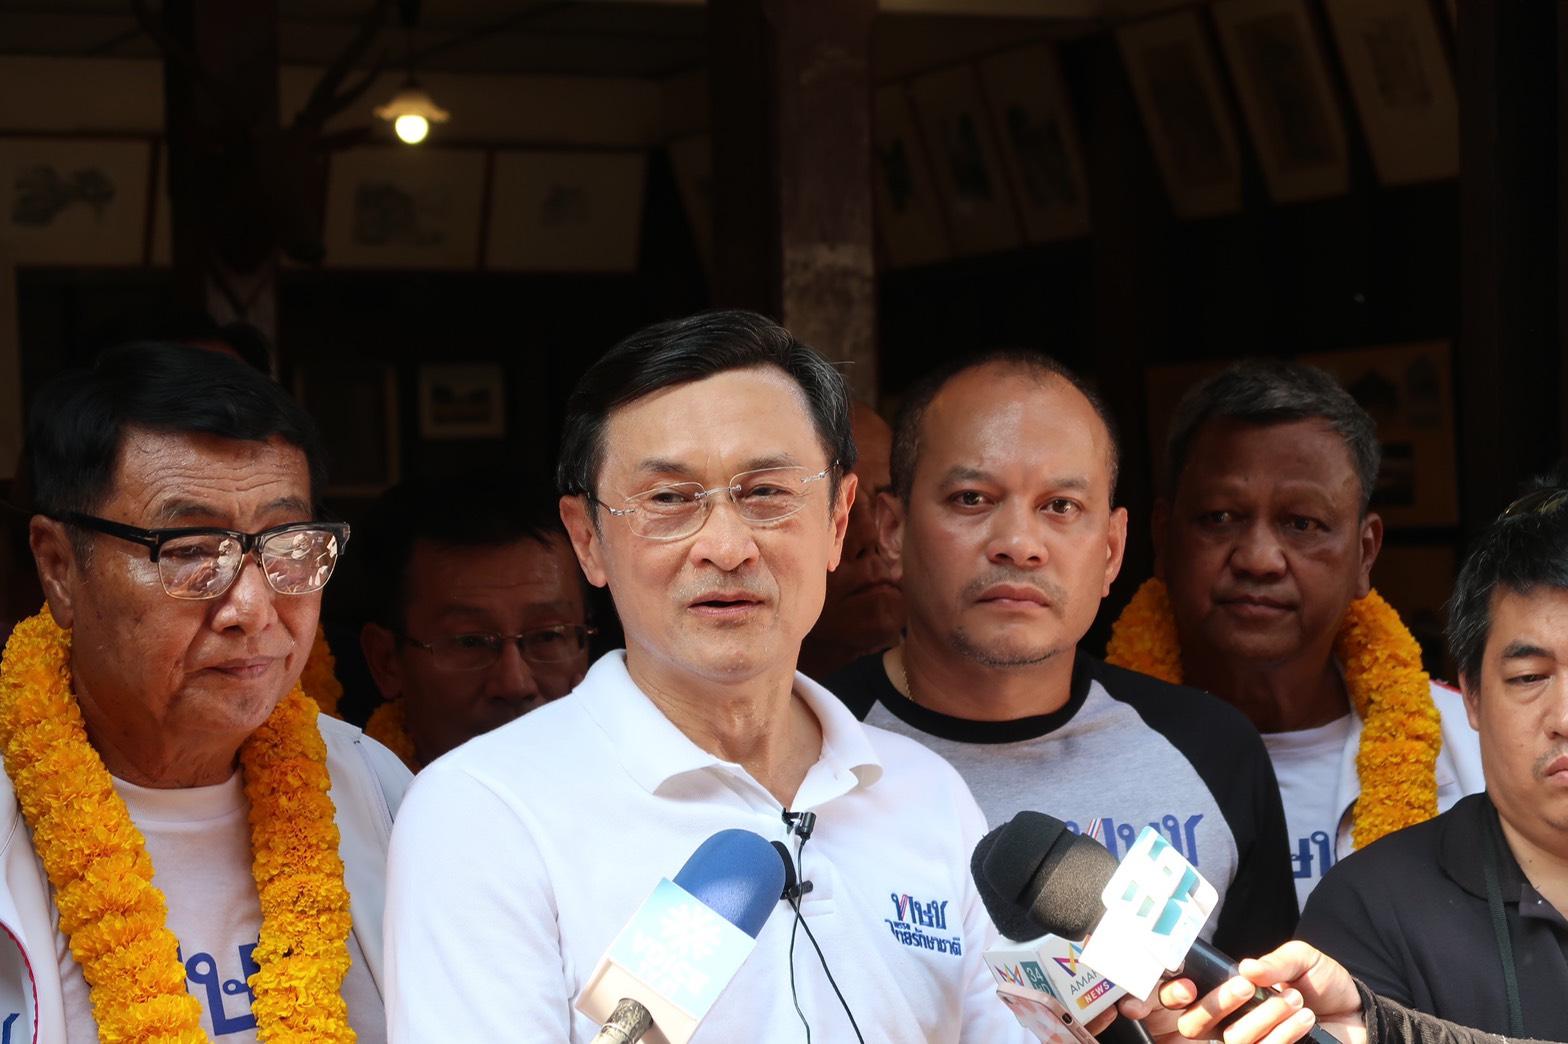 พรรคไทยรักษาชาติ เลือกตั้ง62